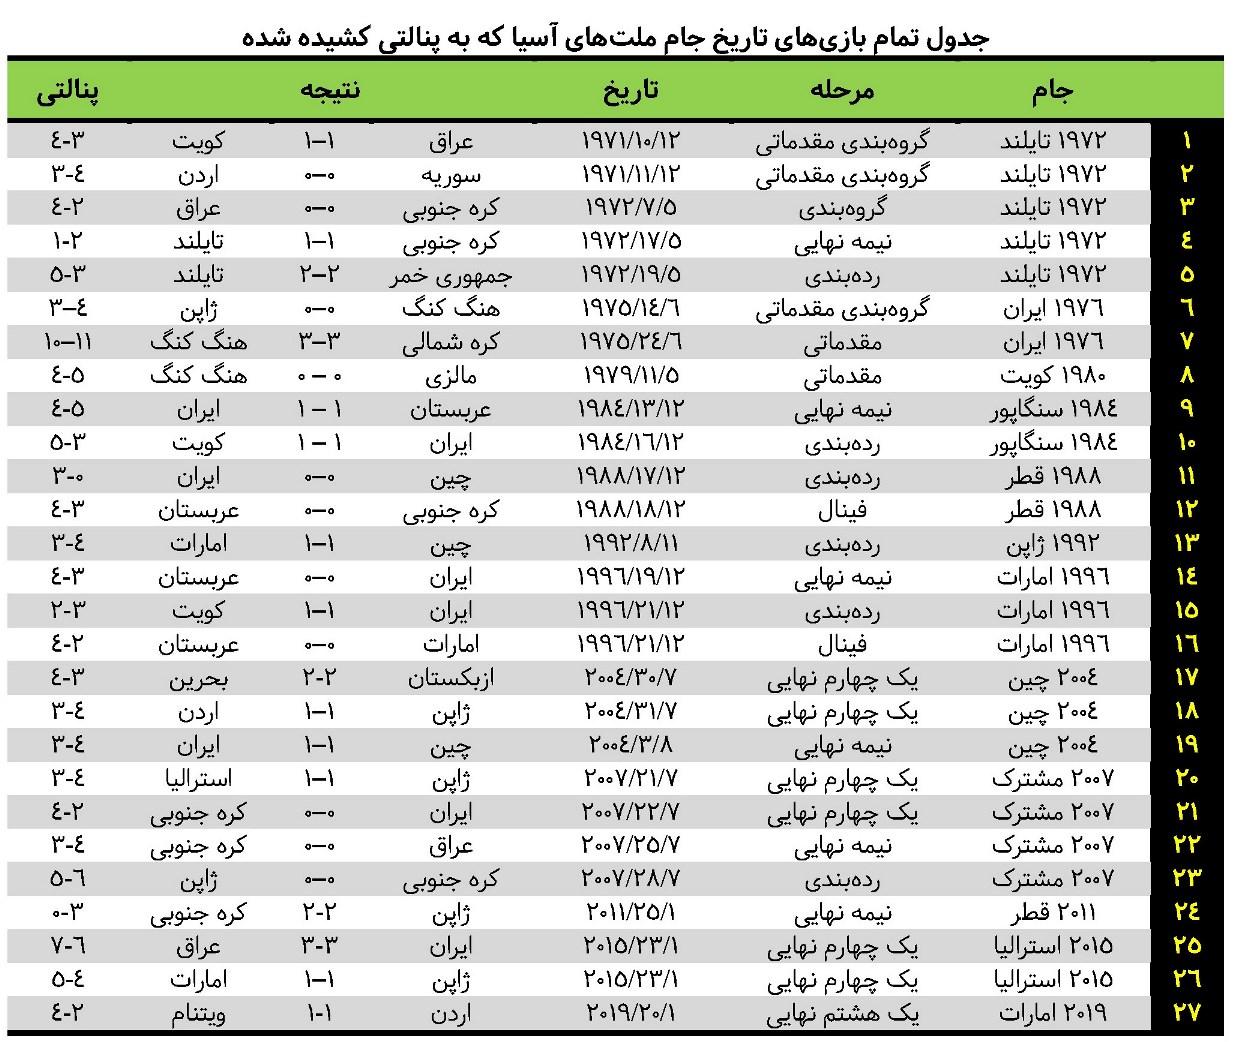 تیم ملی ایران؛ پنالتی ببازترین قدرت فوتبال آسیا - 3